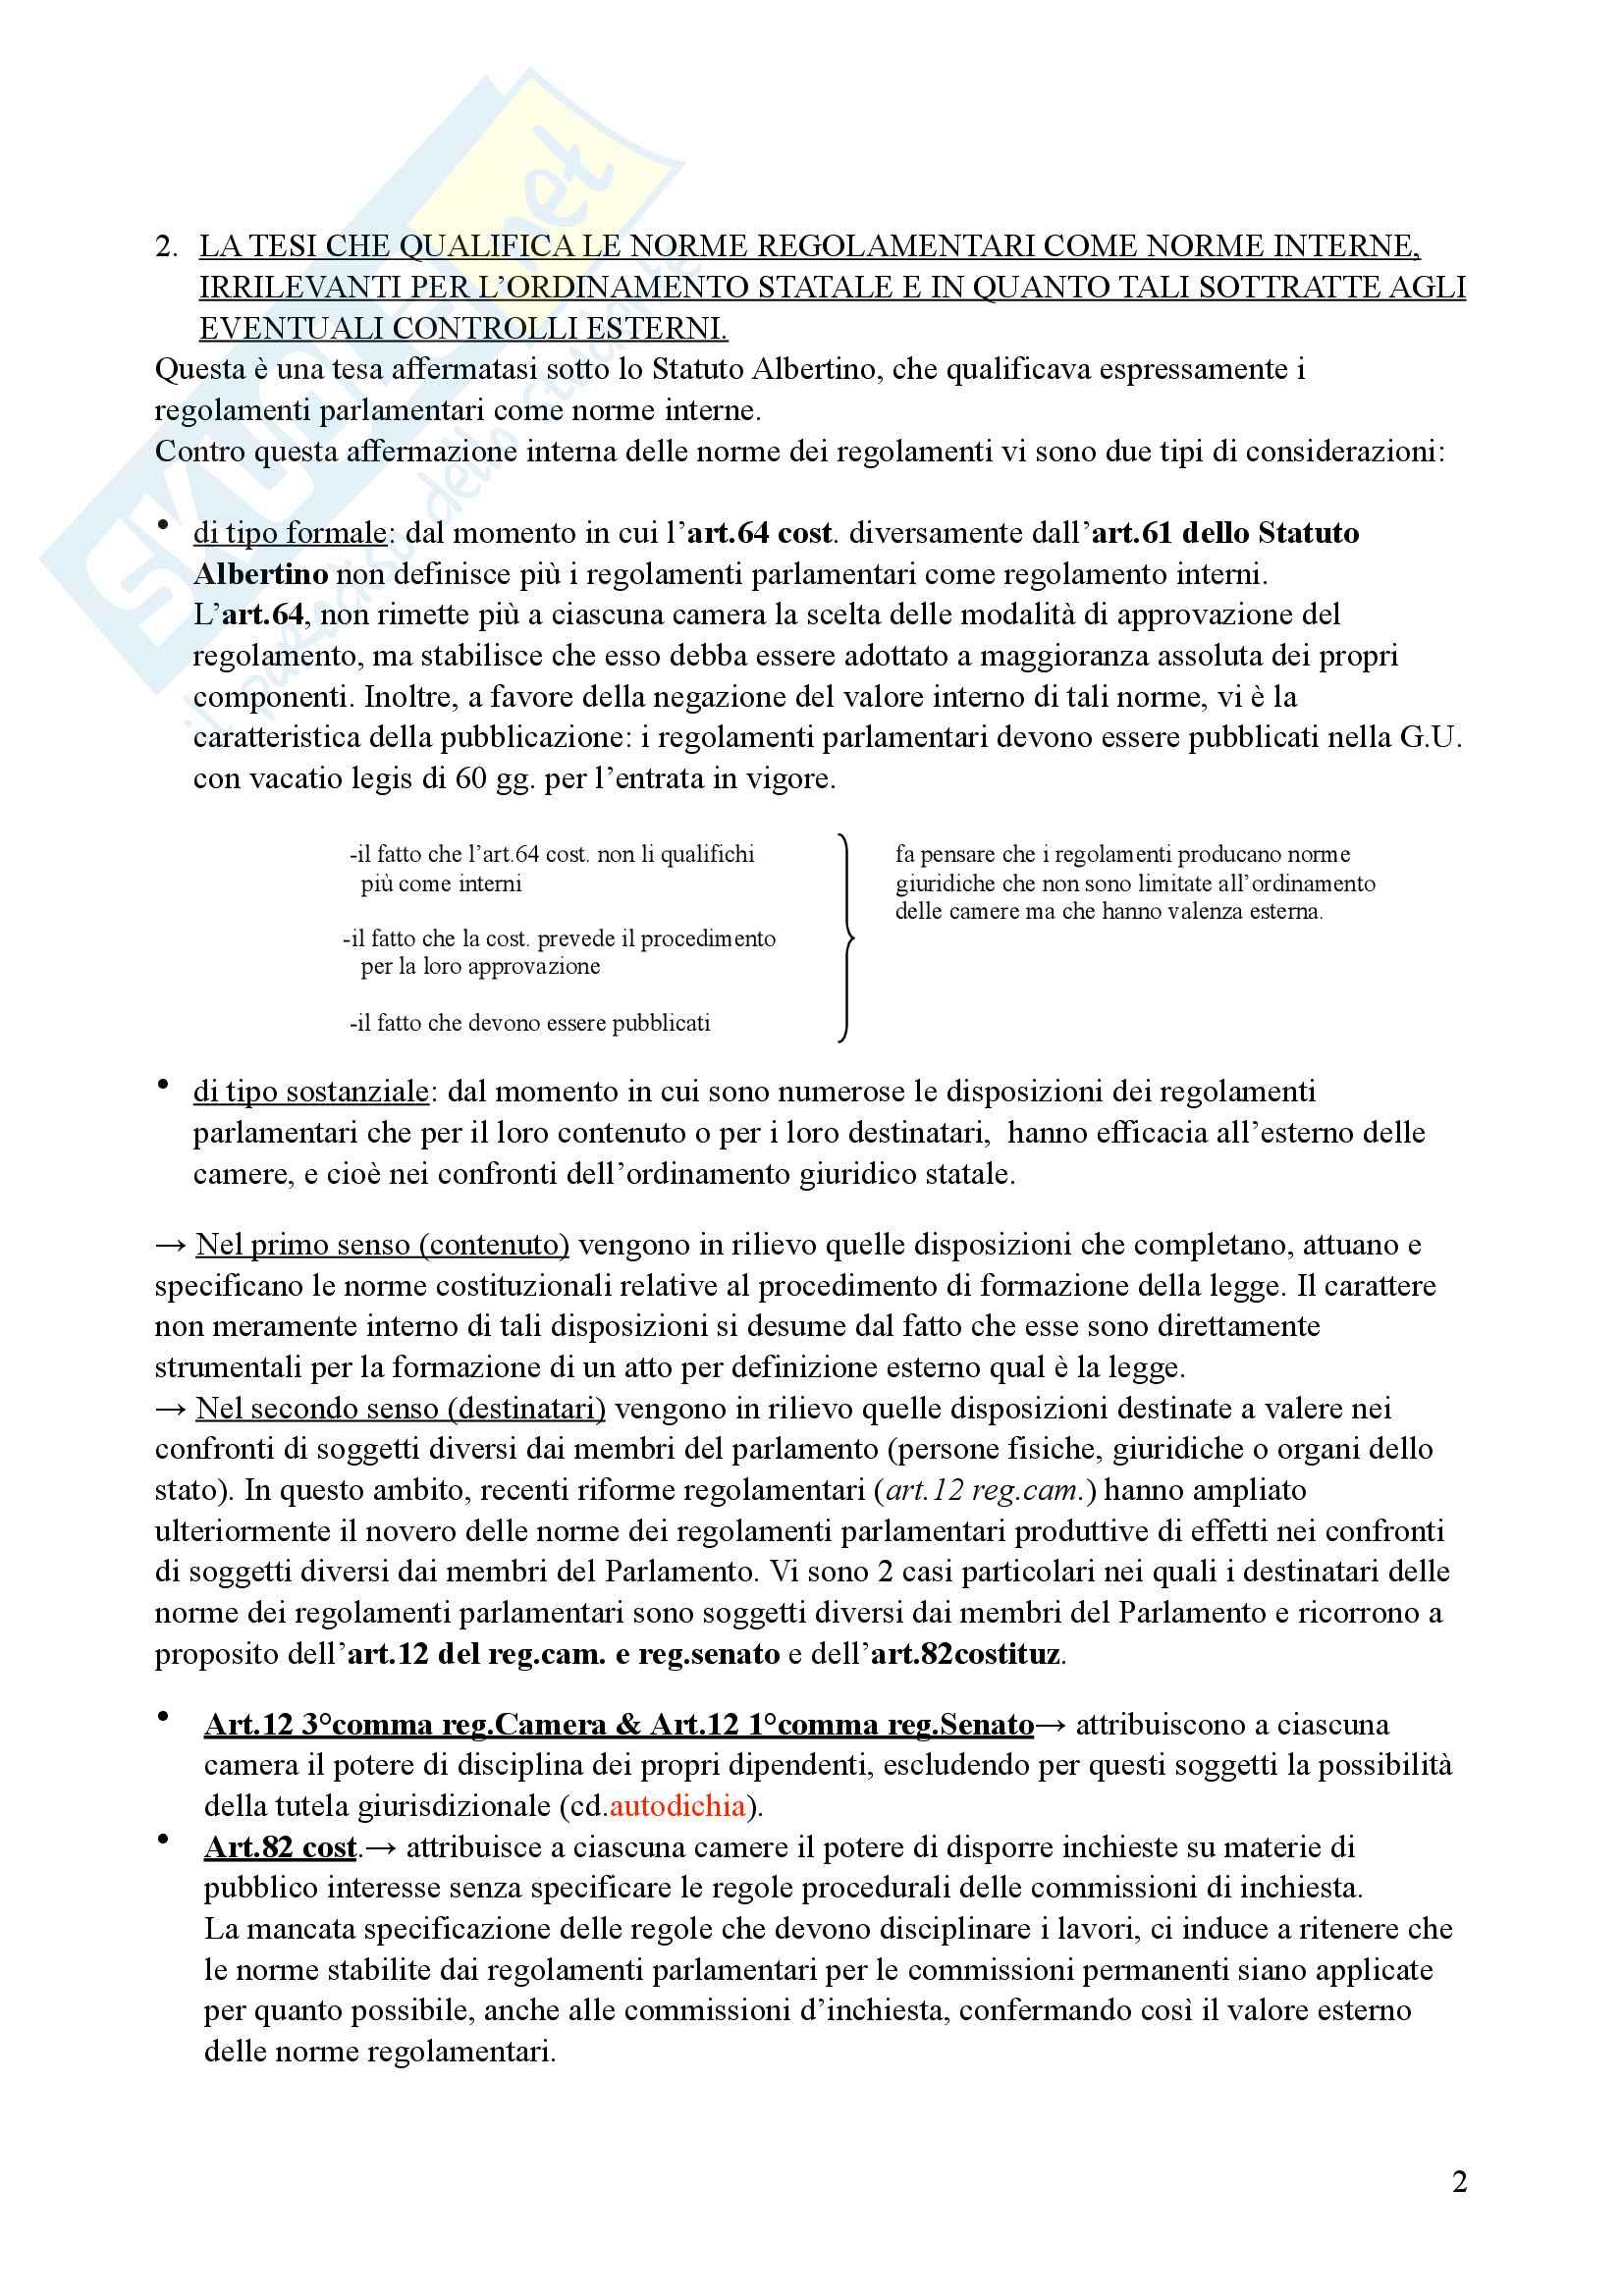 Riassunto esame Diritto parlamentare, Libro consigliato Cicconetti Pag. 2